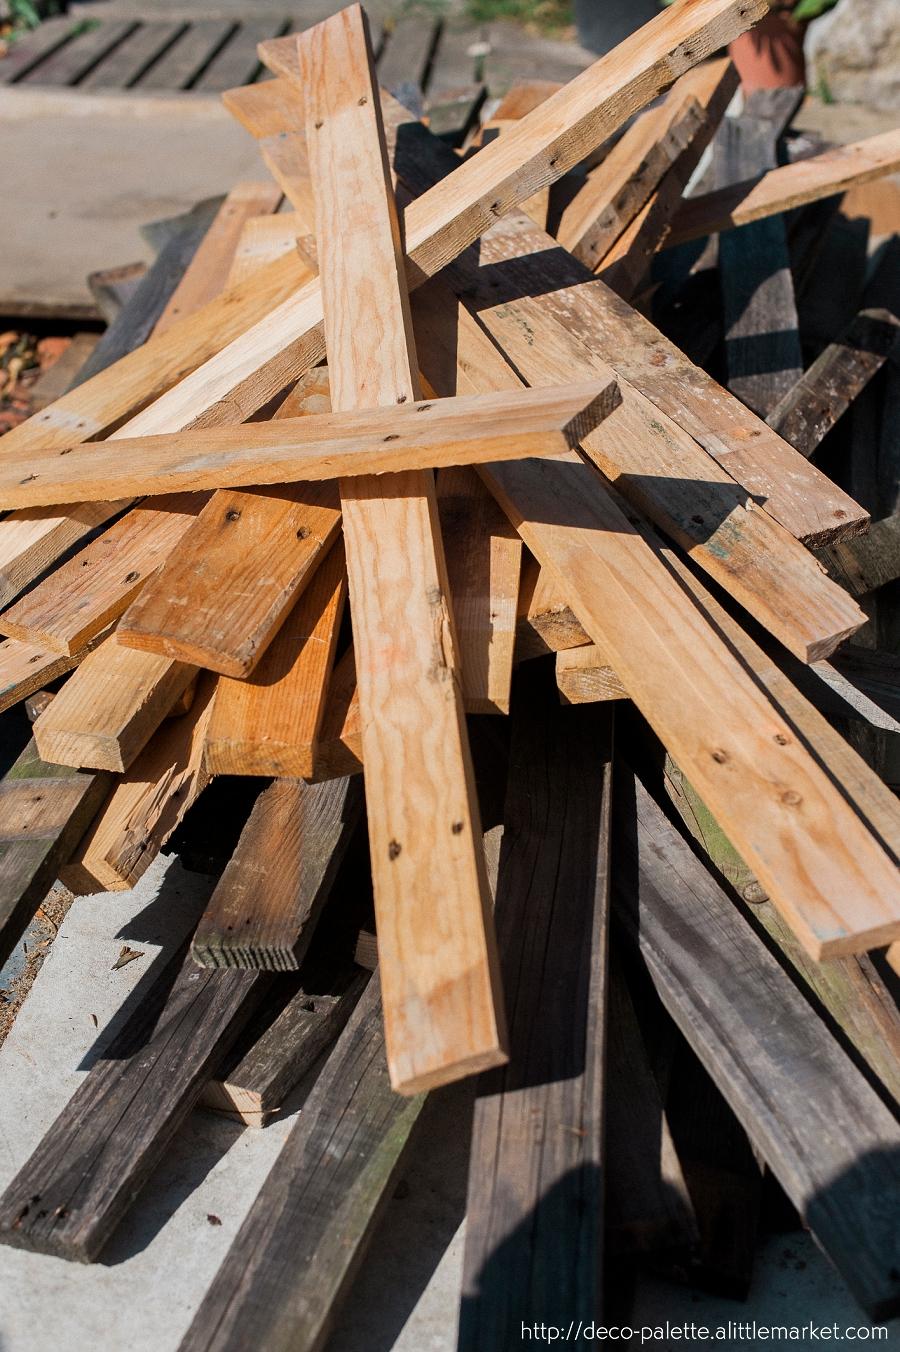 meubles en palette, mobilier en bois recyclé, décoration intérieure, made in 14, made in normandie, artisanat local, circuit court, mobilier eco conçu,